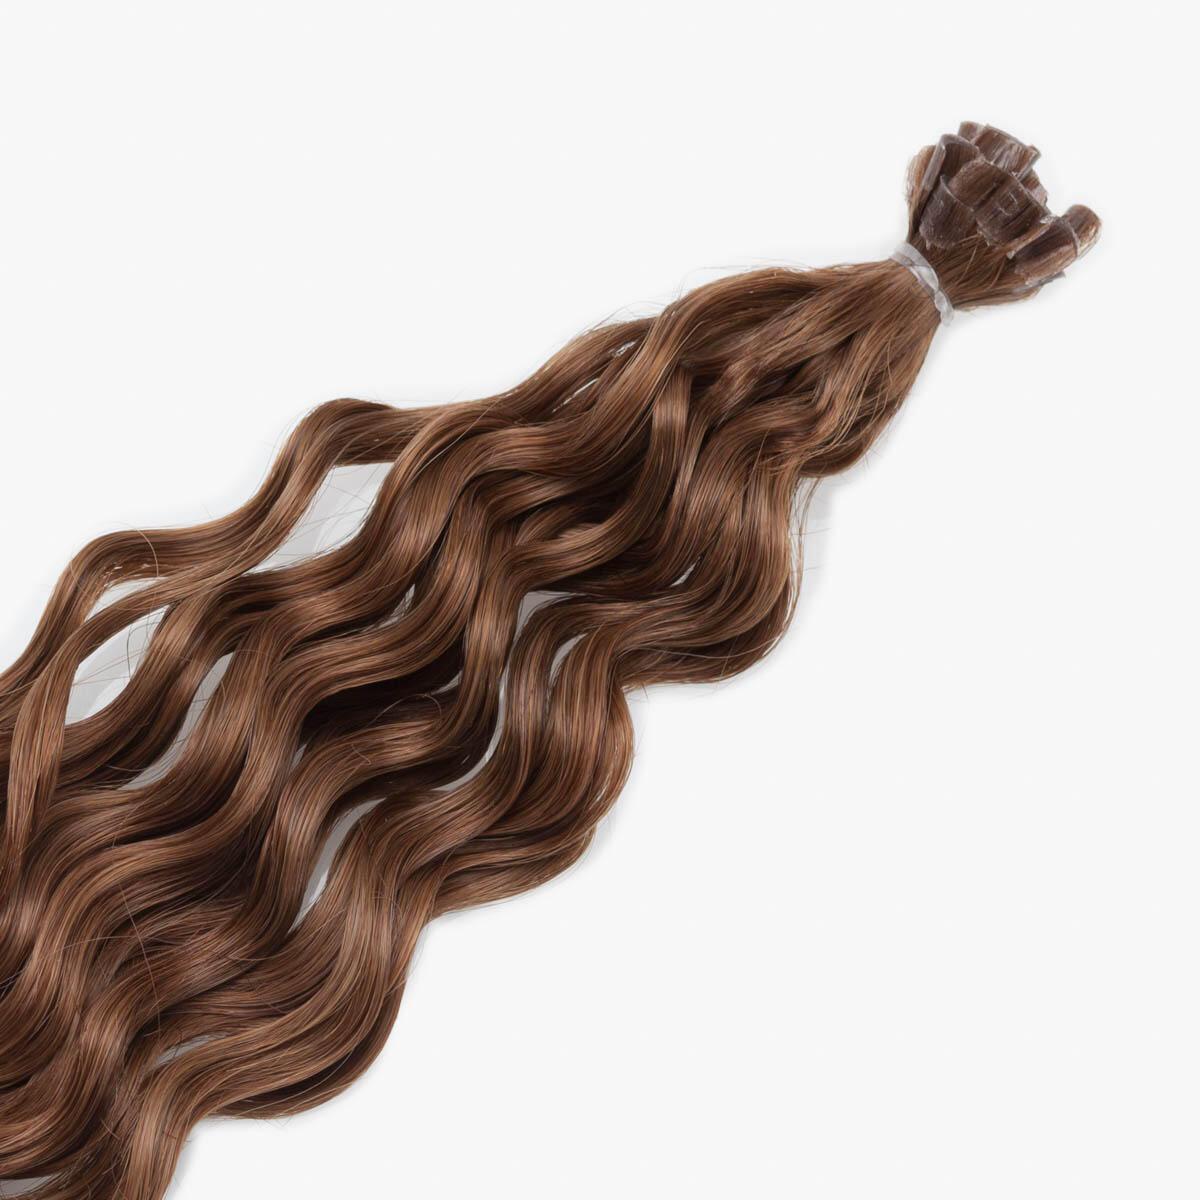 Nail Hair 5.0 Brown 40 cm